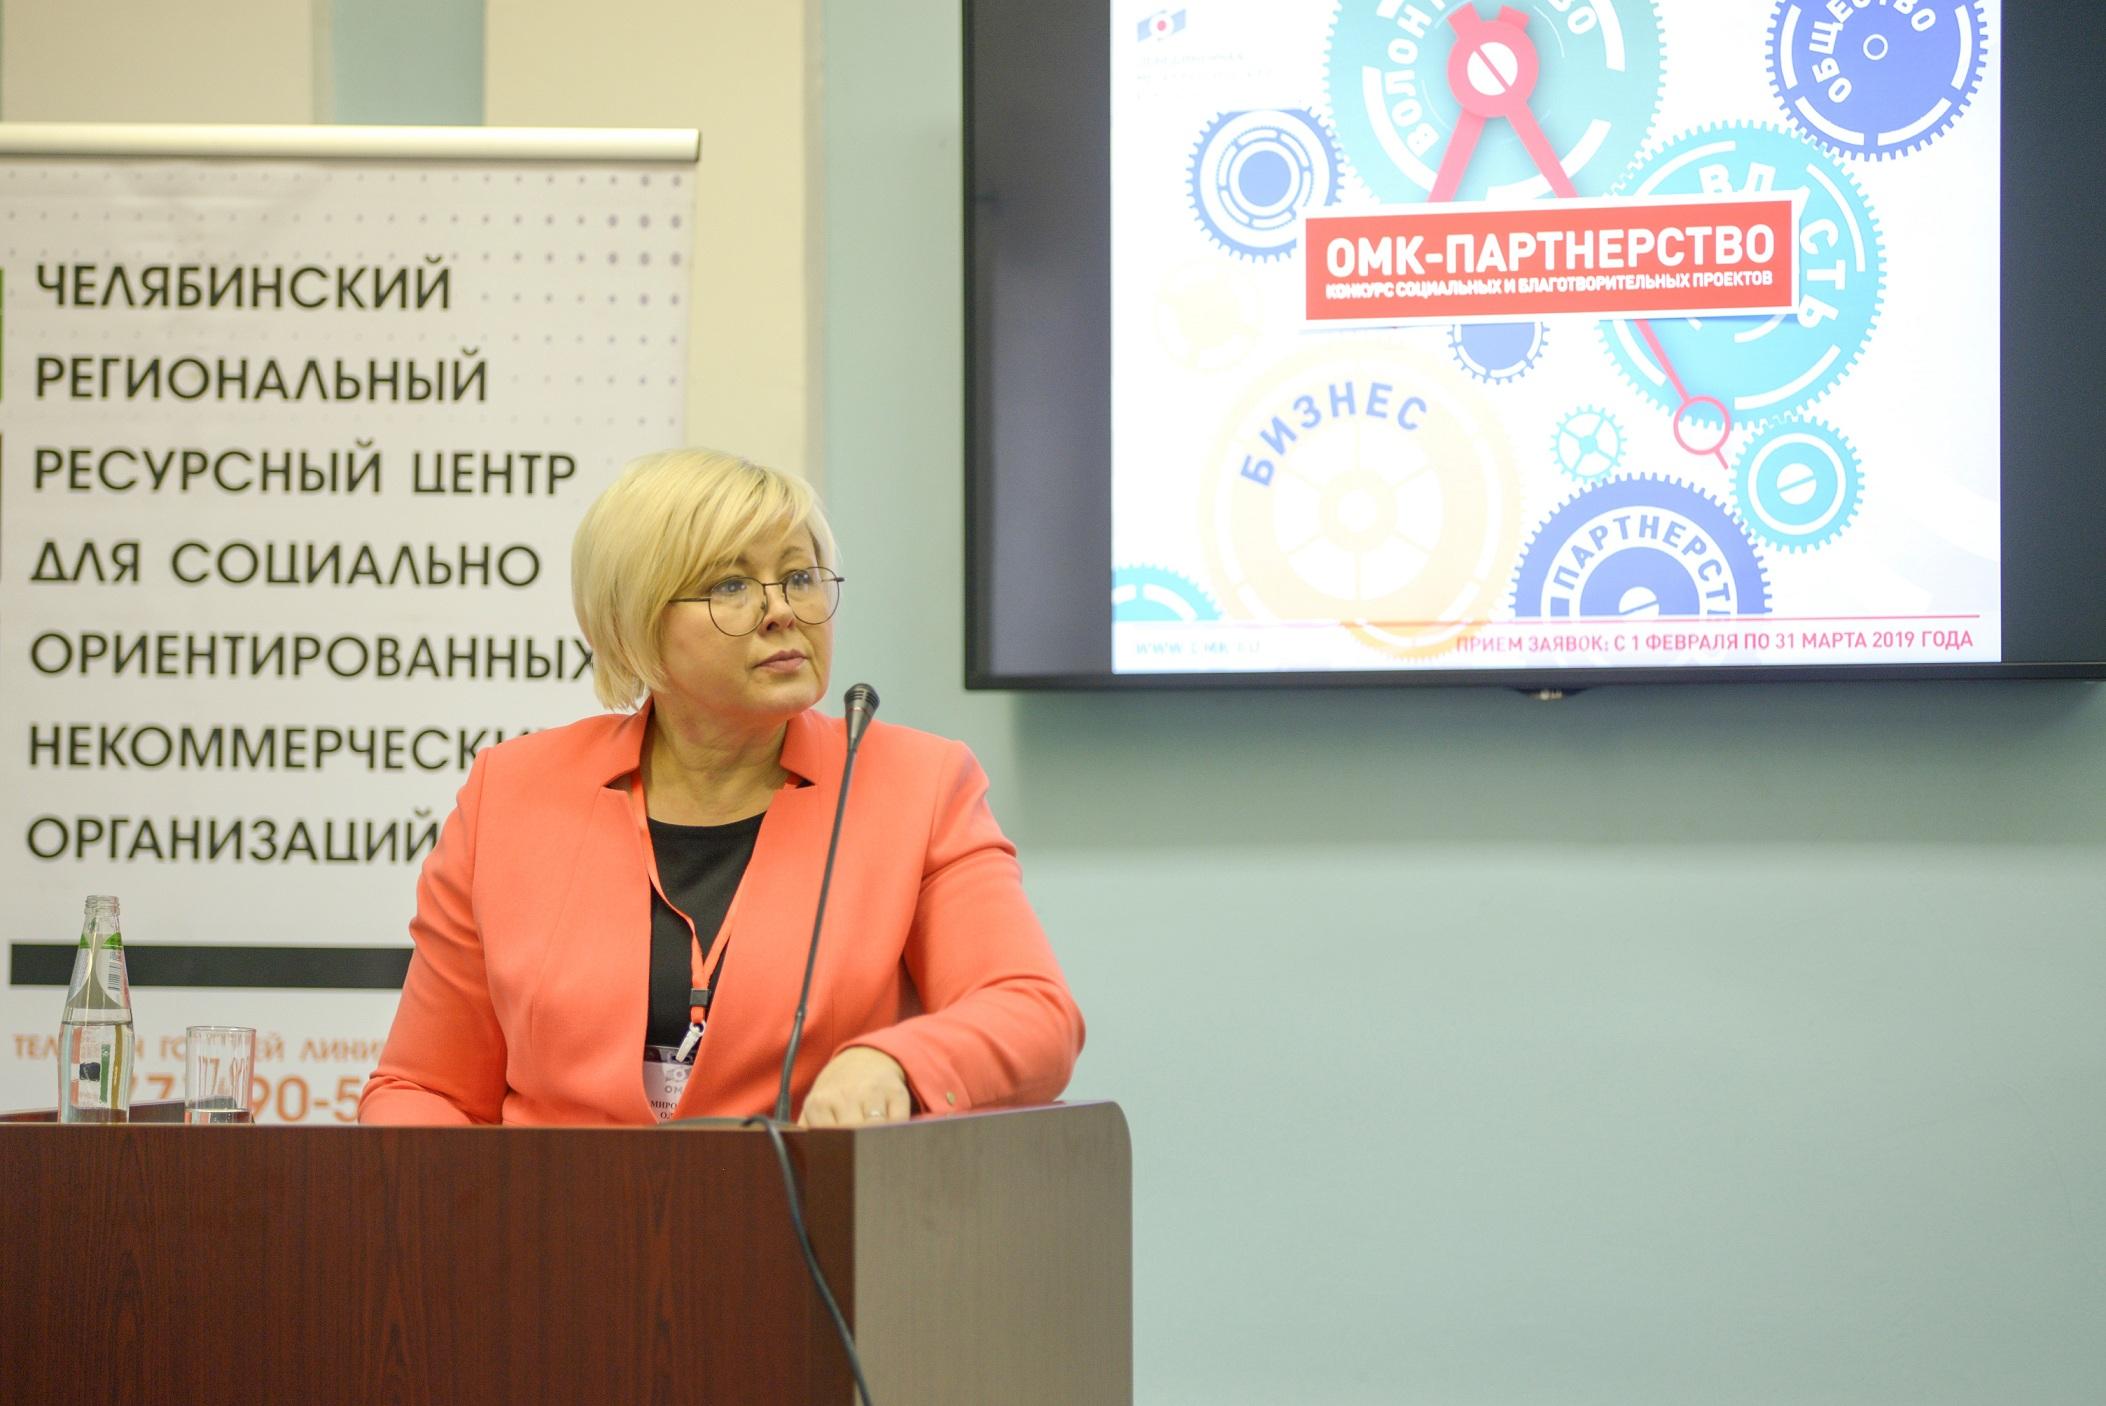 ОМК направит 2 млн рублей на реализацию социальных и благотворительных проектов в Челябинской области